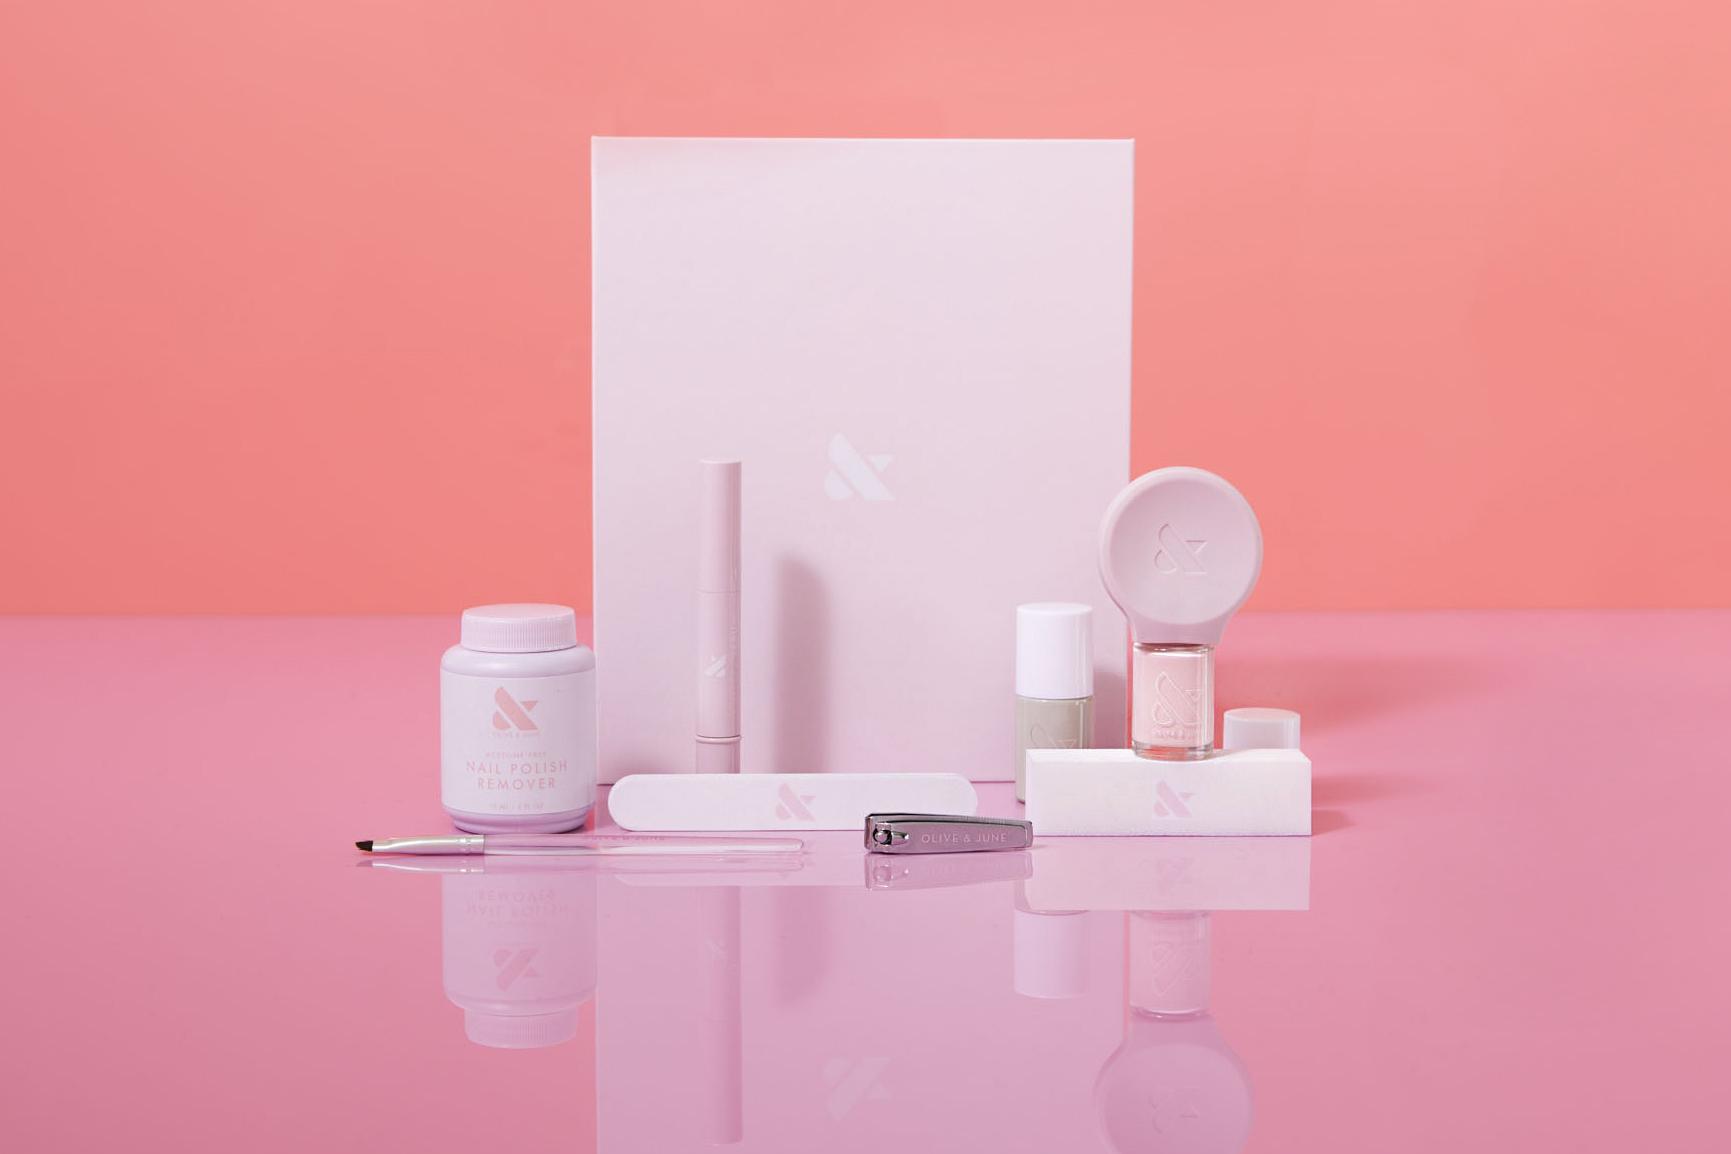 Oliva & June's new Studio Box